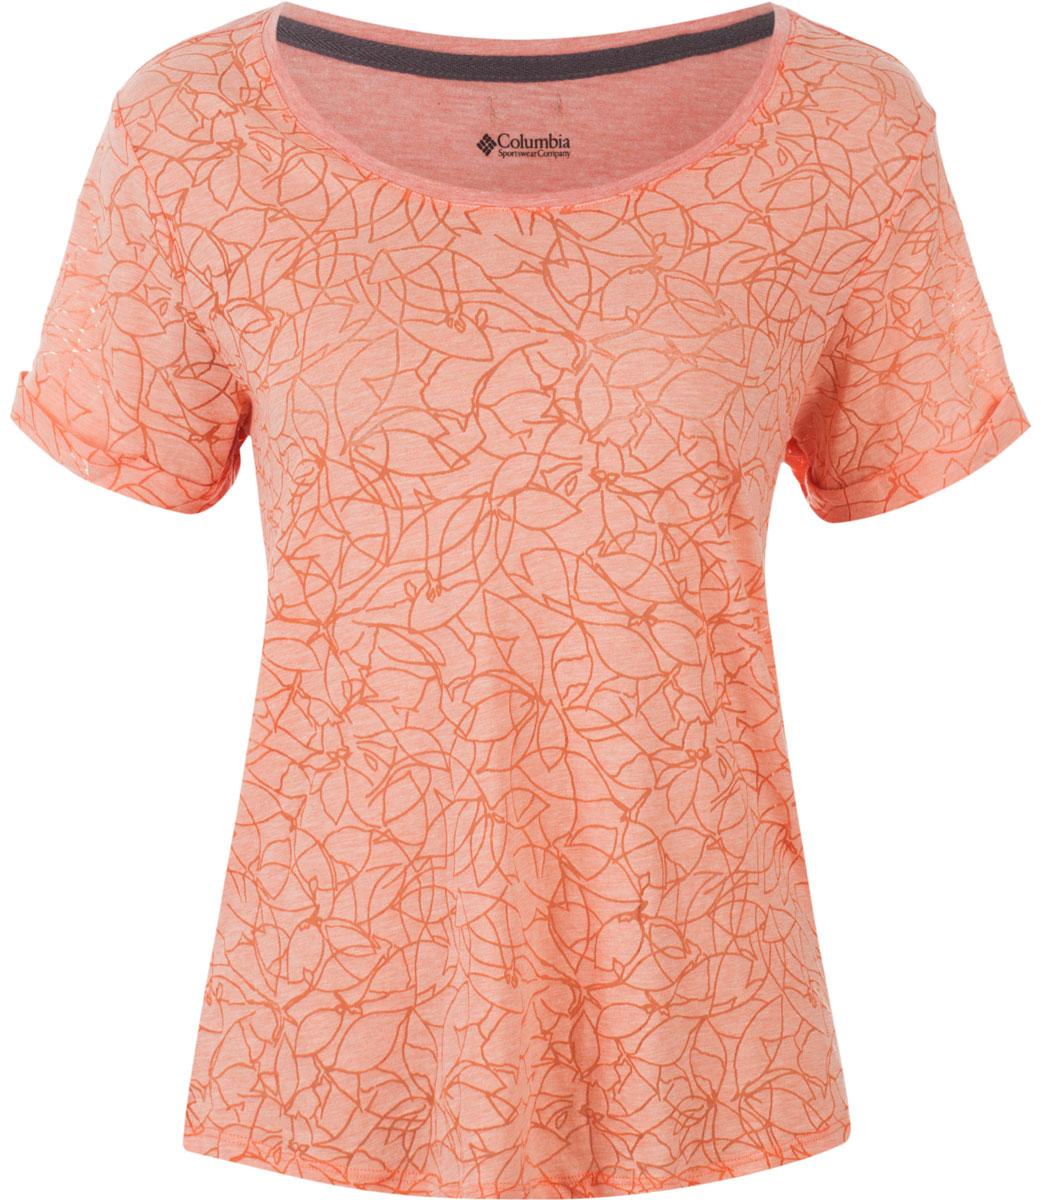 Футболка1712031-341Стильная женская футболка Columbia изготовлена из высококачественных материалов с оригинальной текстурой. Футболка с круглым вырезом горловины и короткими рукавами оформлена оригинальным принтом.